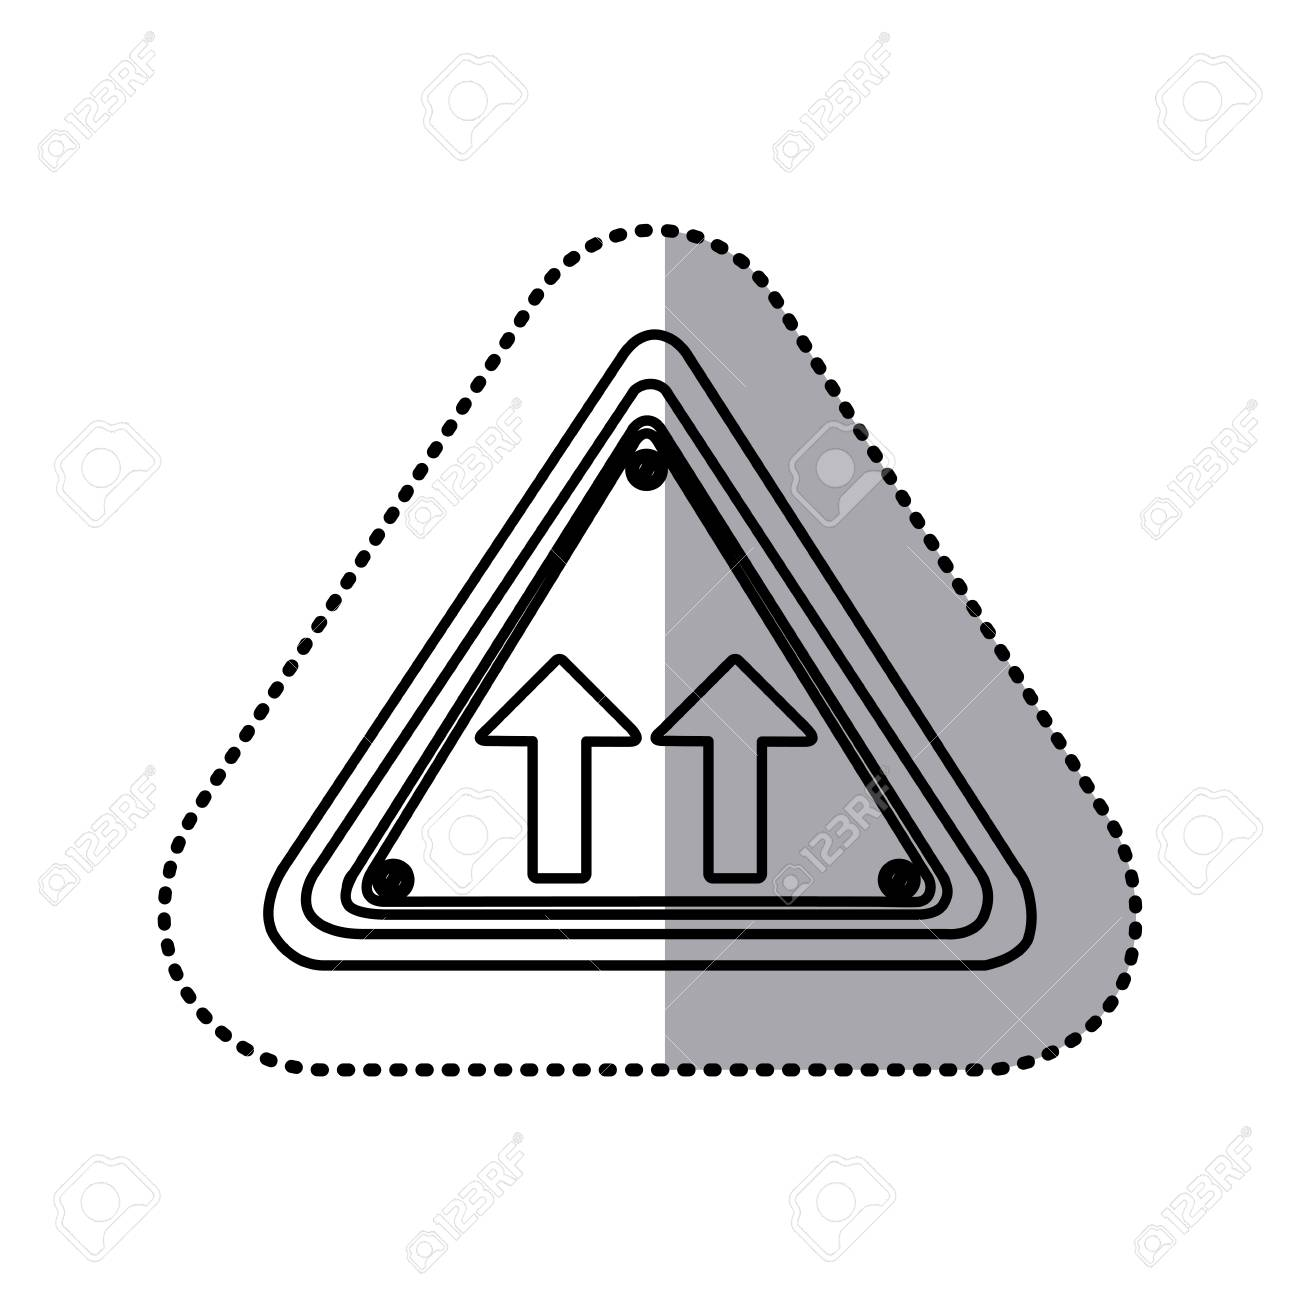 Etiqueta Engomada Silueta Triángulo Forma Marco Misma Dirección ...